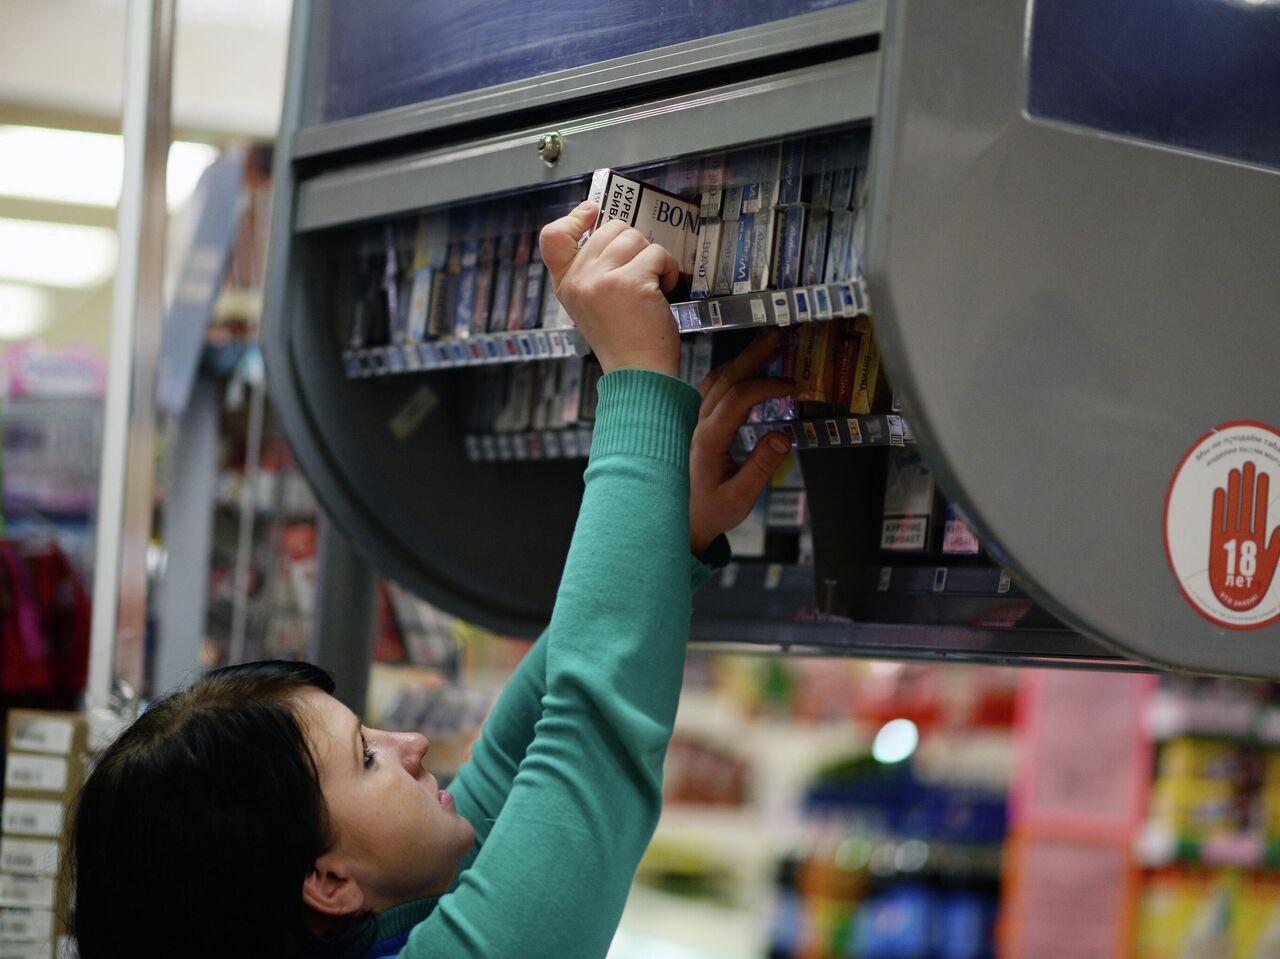 Максимальная розничная цена табачных изделий устанавливается электронные сигареты в курске где купить